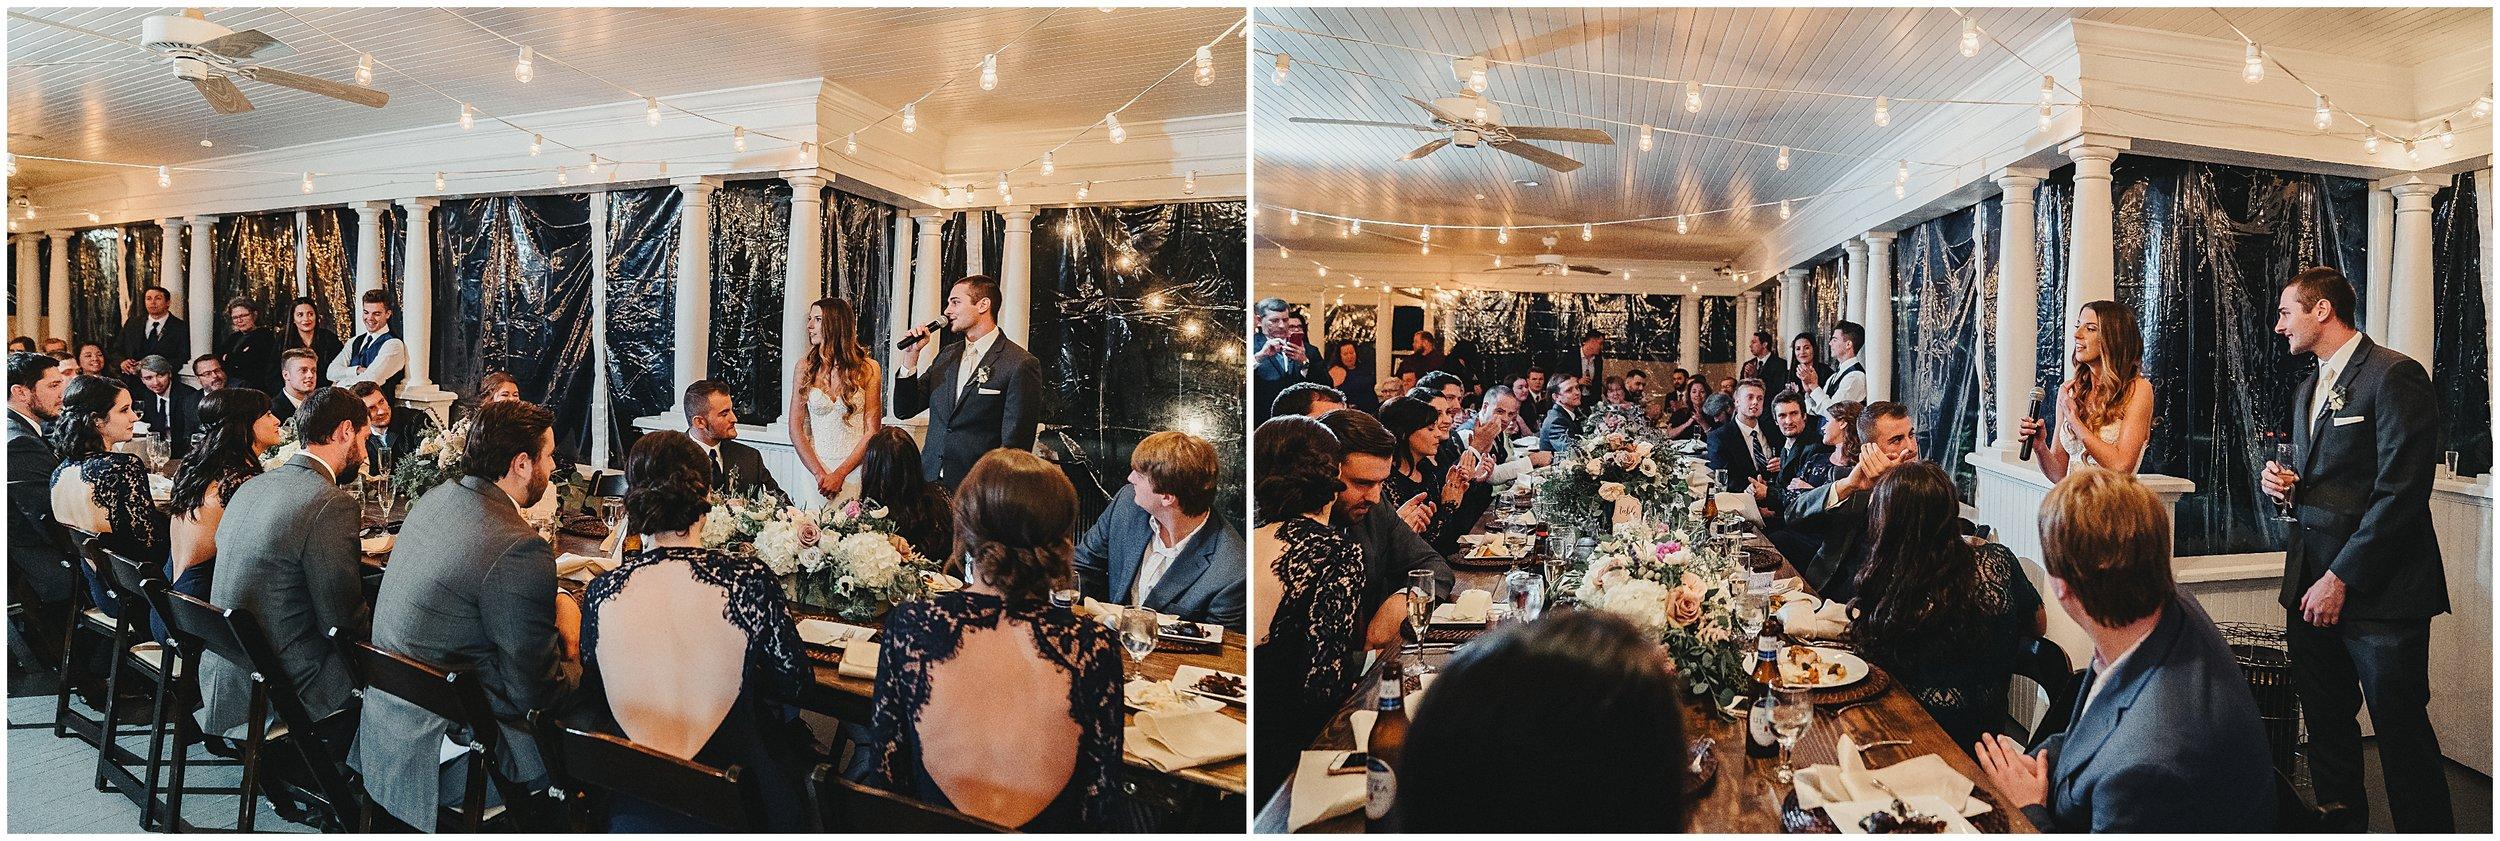 Ritchie Hill wedding_1308.jpg